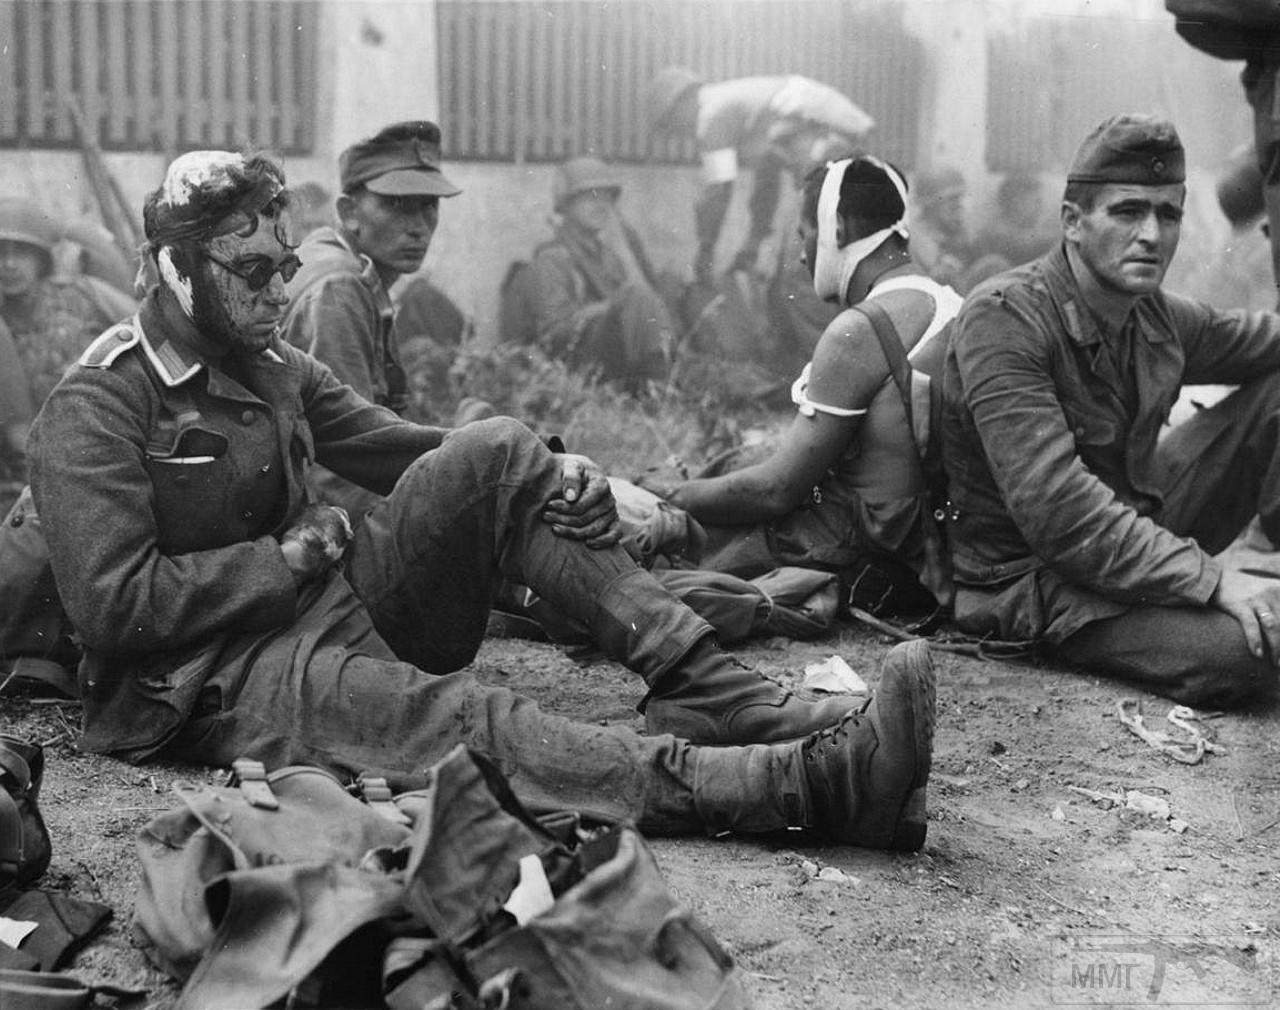 74025 - Военное фото 1939-1945 г.г. Западный фронт и Африка.